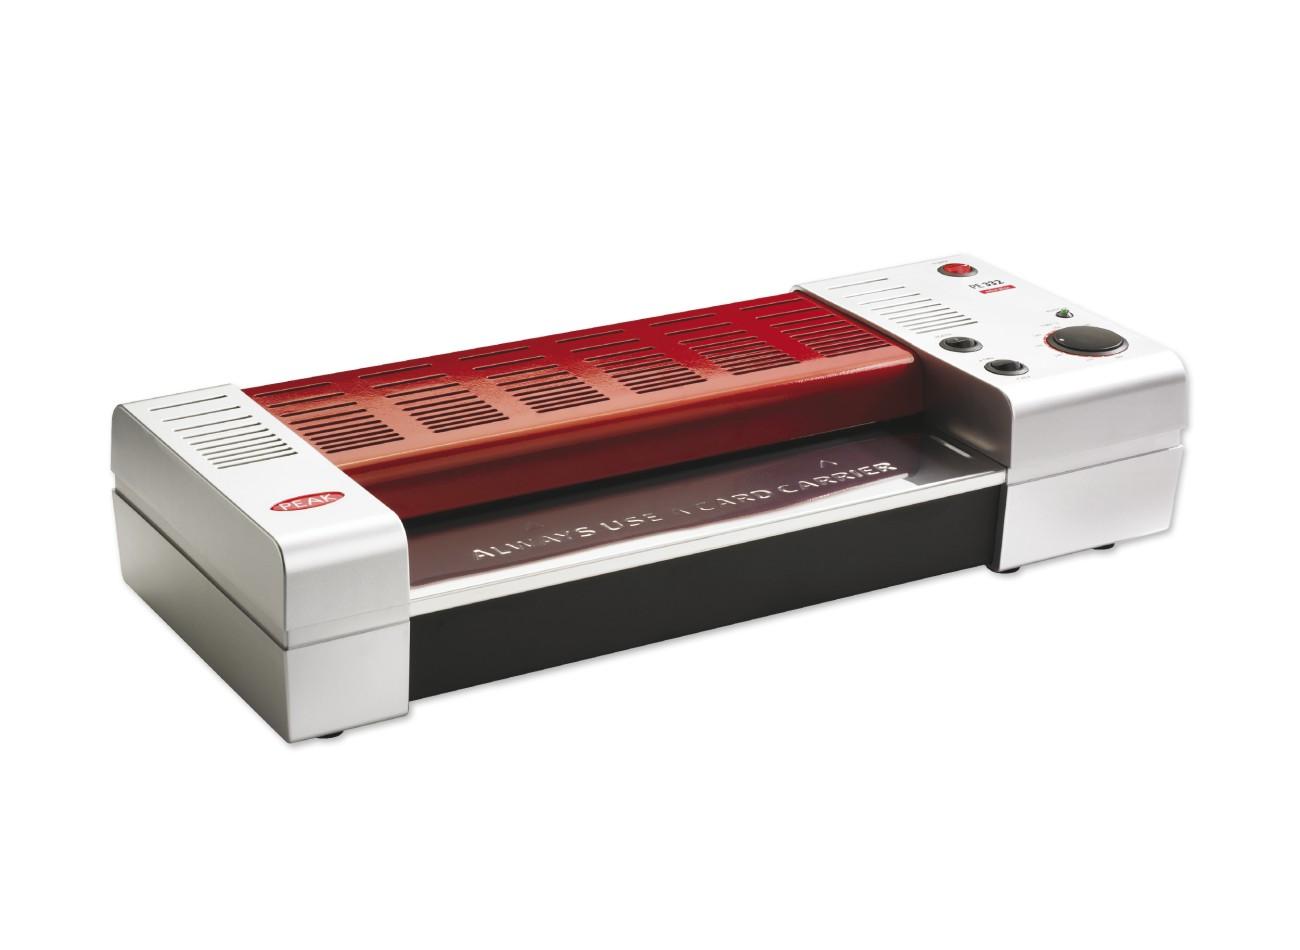 Laminátor PEAK PE 332 EDUCATOR + 100 ks laminofólií